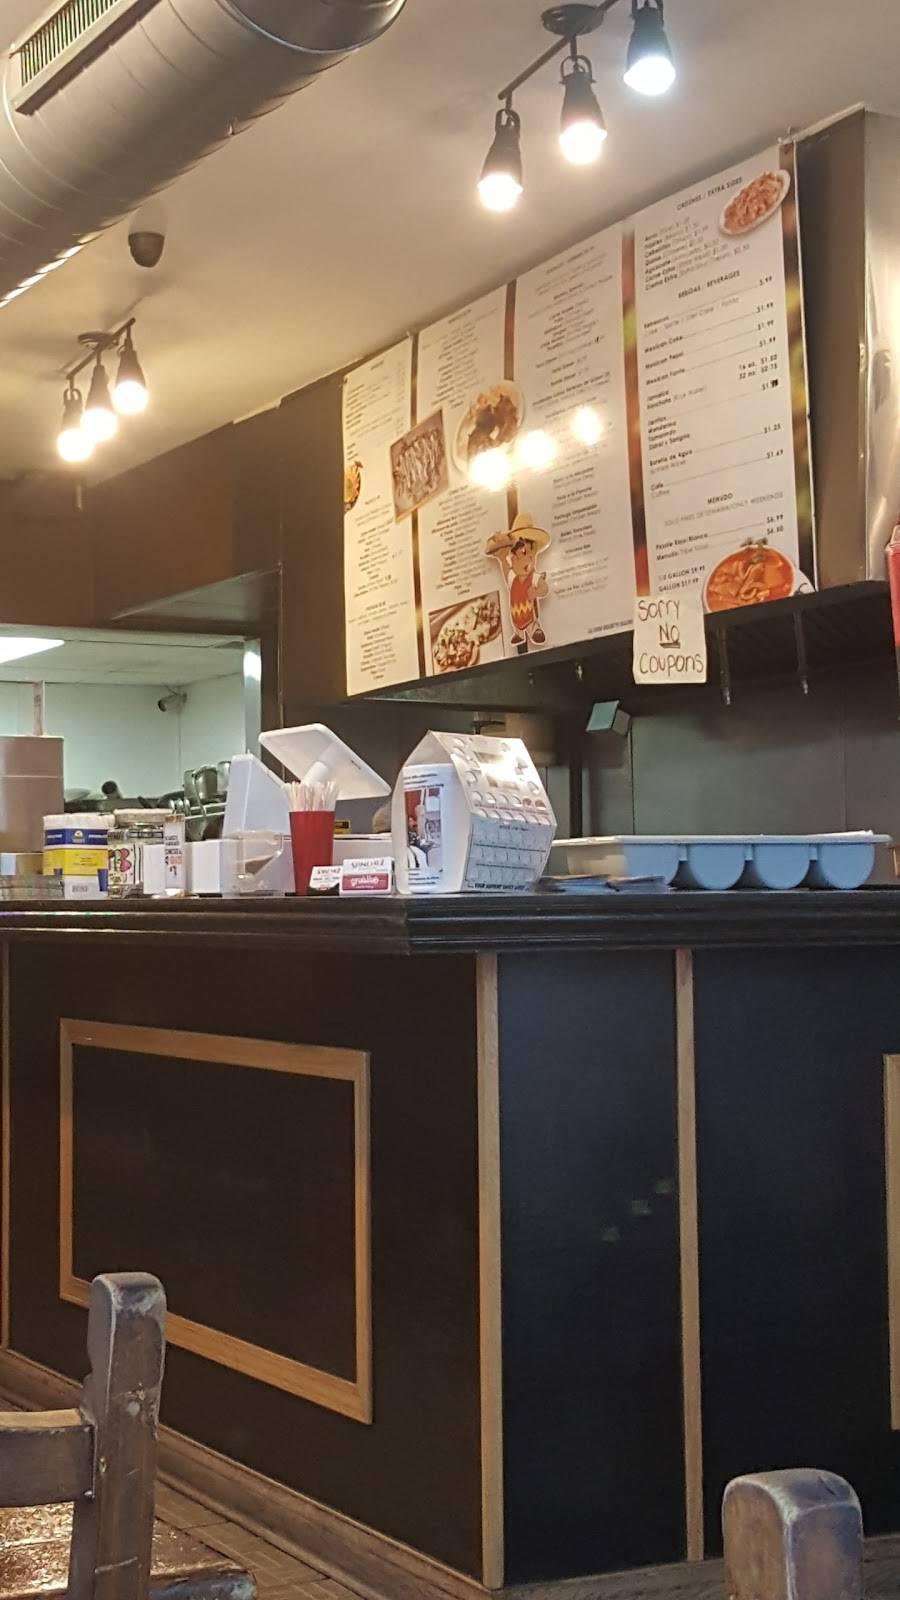 Taqueria Morelos | restaurant | 5958 W Diversey Ave, Chicago, IL 60639, USA | 7734177313 OR +1 773-417-7313